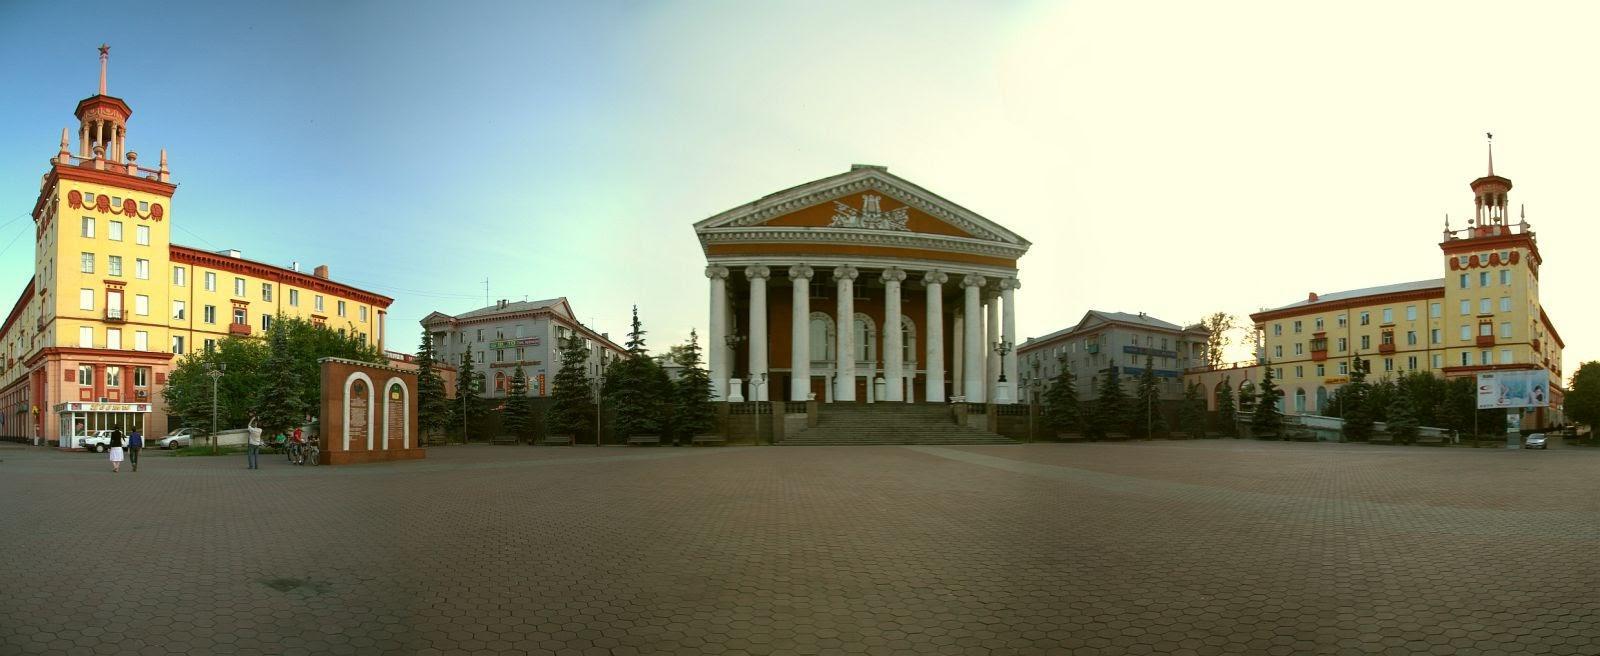 достопримечательности Прокопьевска